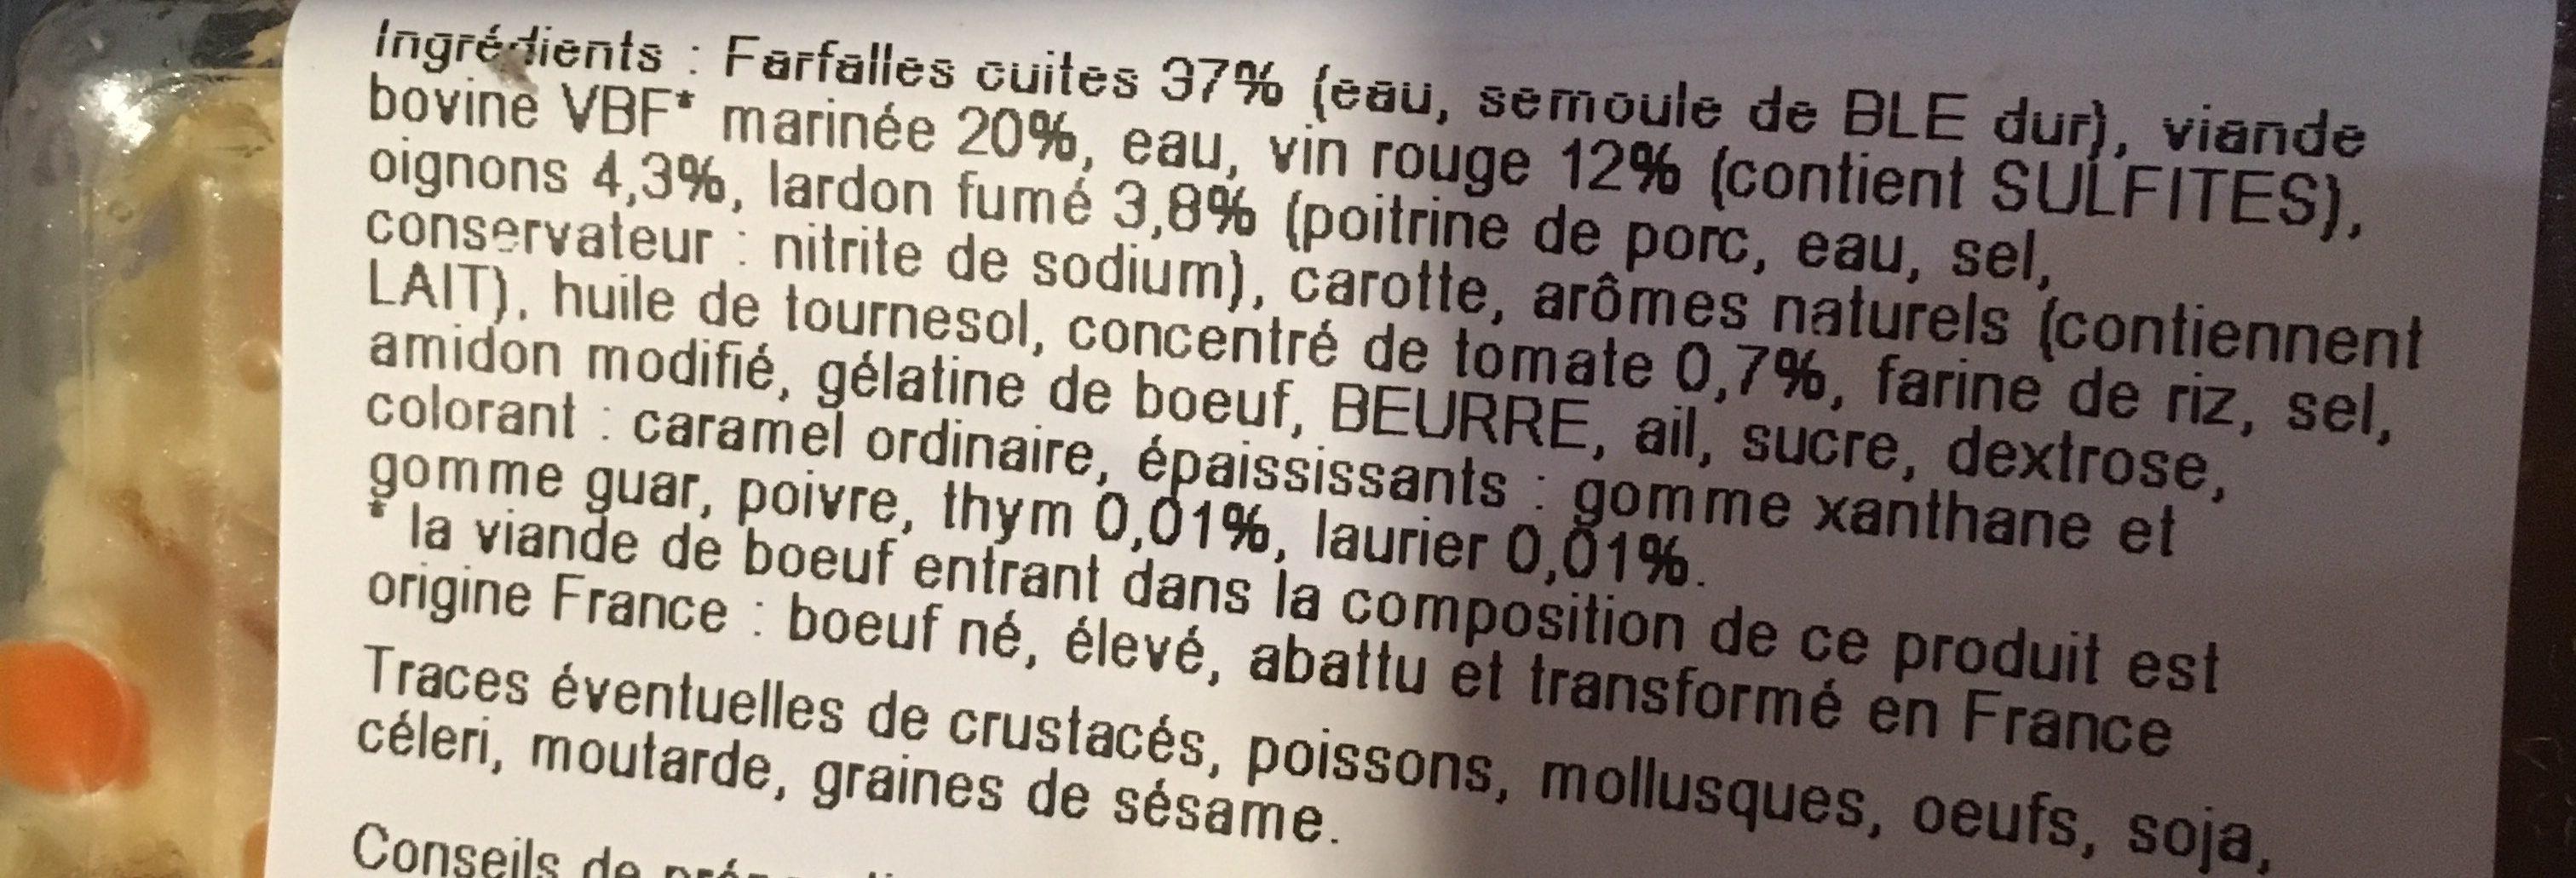 Bœuf bourguignon et farfalles - Ingrédients - fr